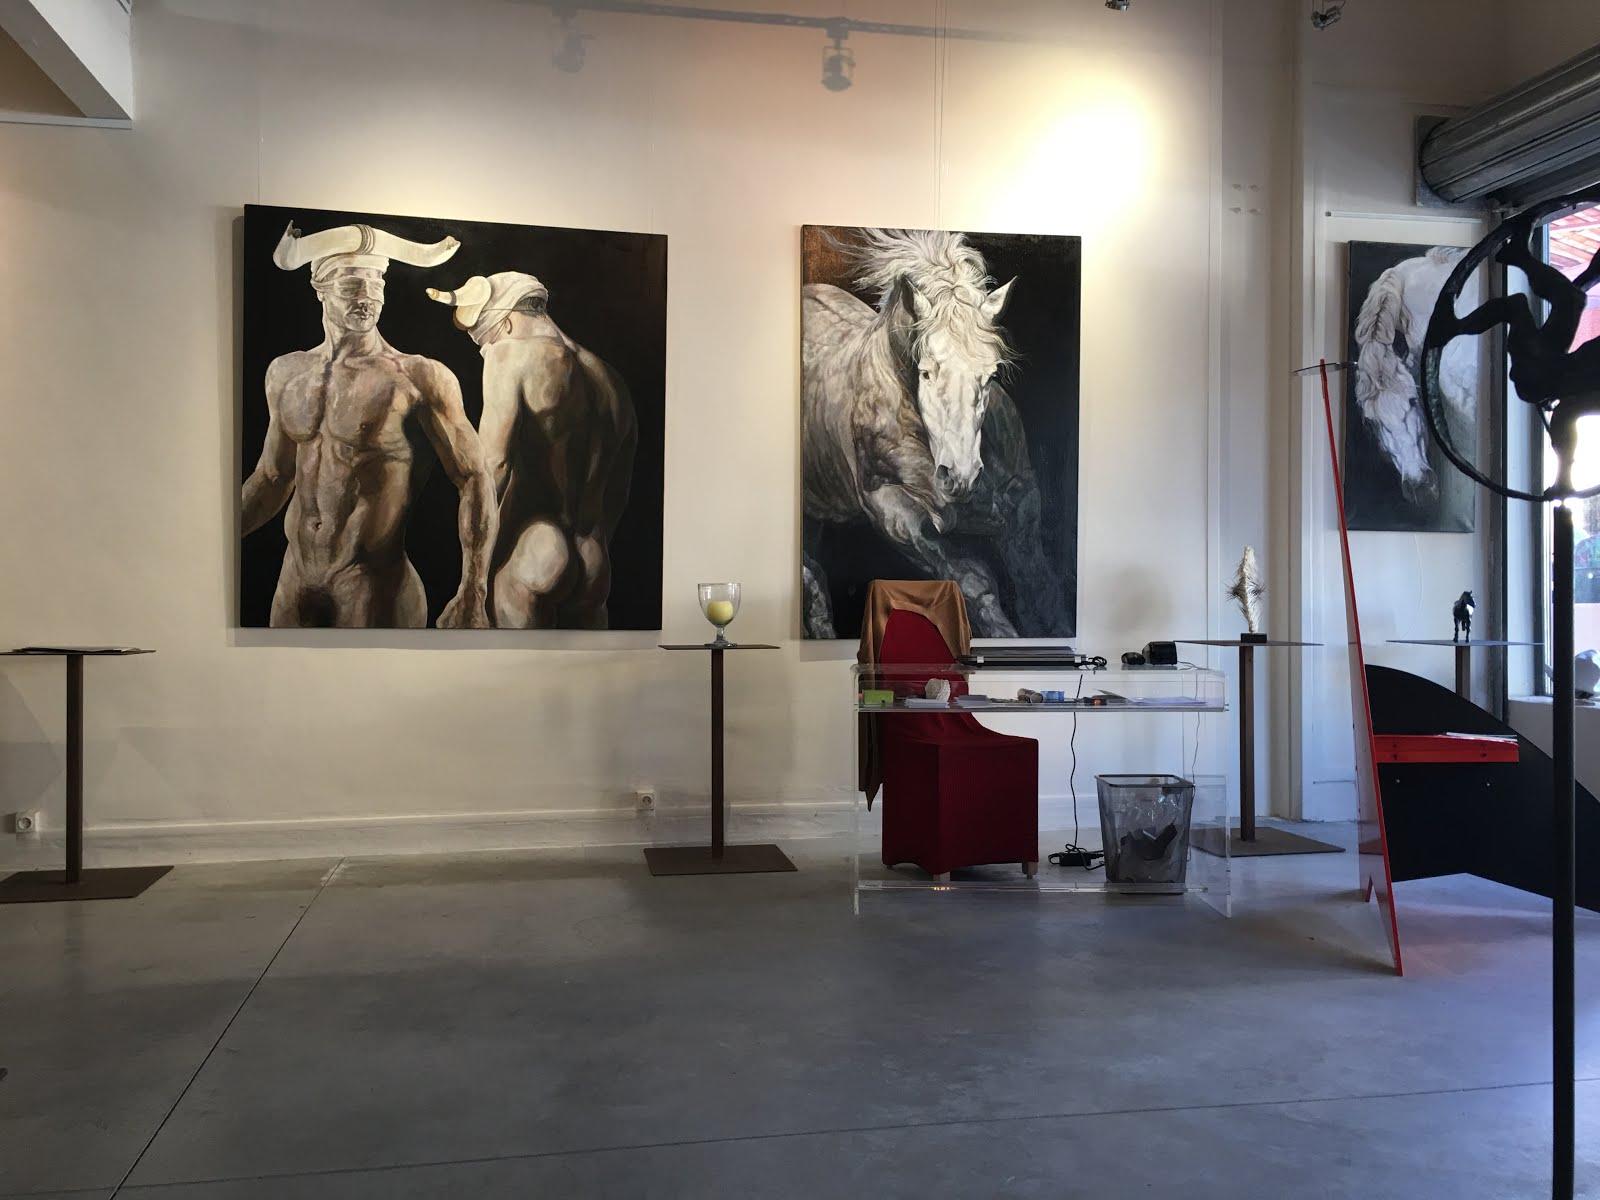 COUSTELLET (LUBERON) : LA GALERIE MONTESQUIEU EXPOSE CAPTON JUSQU'AU 4 SEPTEMBRE